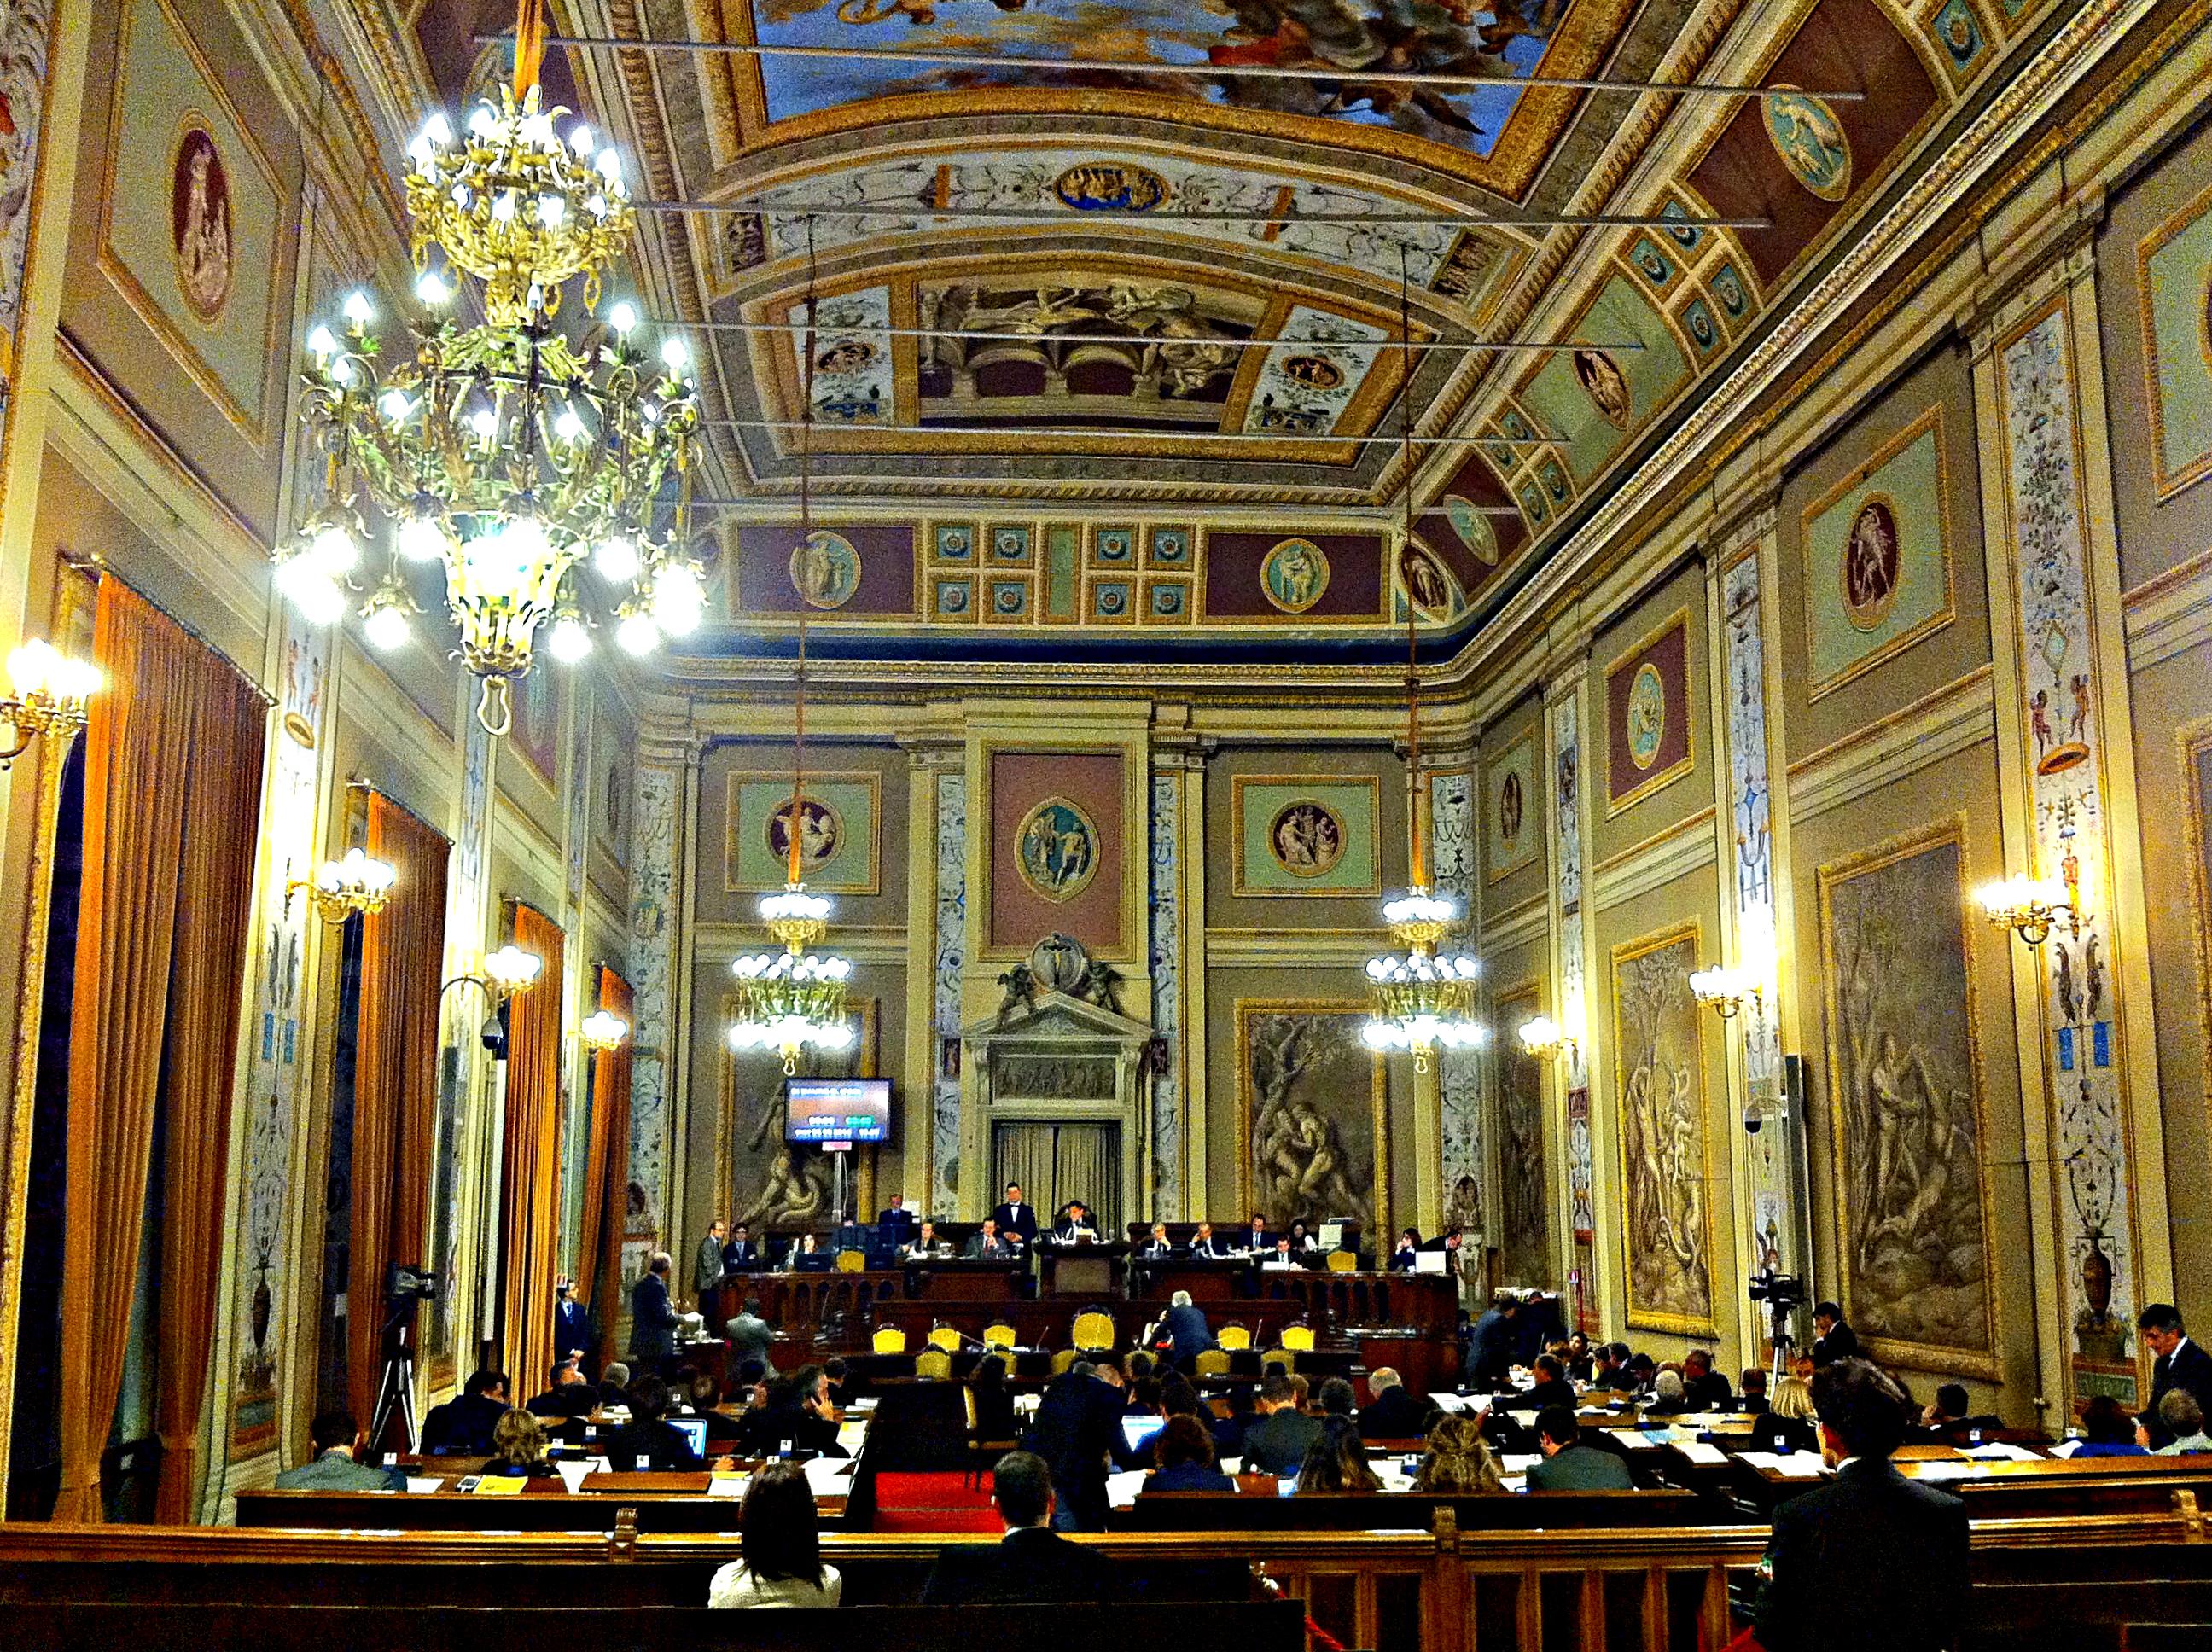 Palermo: M5S designa i primi componenti della Giunta, 2 uomini e 2 donne